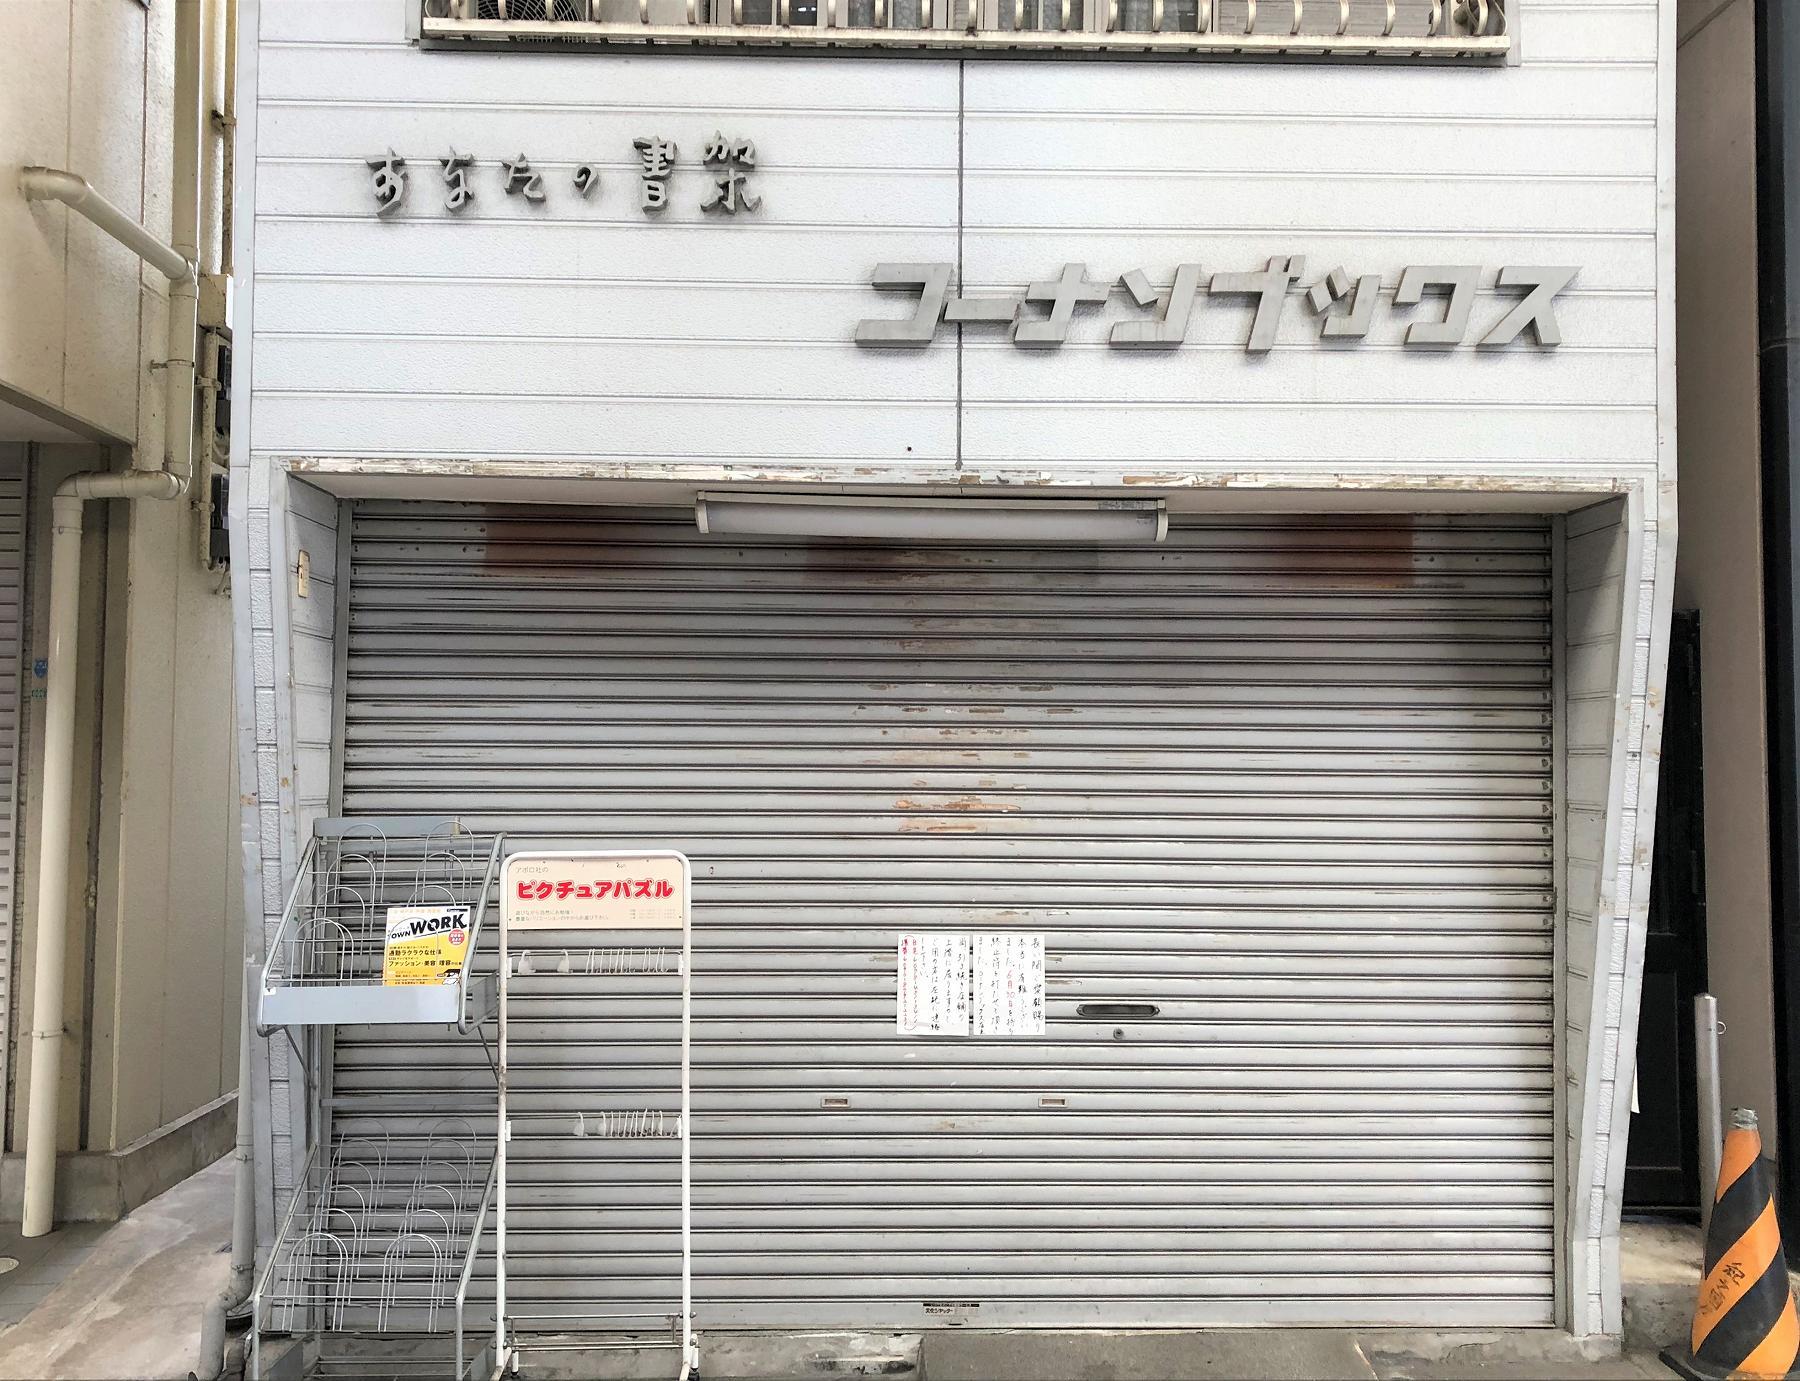 神戸・甲南本通商店街にある「コーナンブックス」が6/30で閉店されたよ #甲南本通商店街 #閉店情報 #街の本屋さん #東灘区